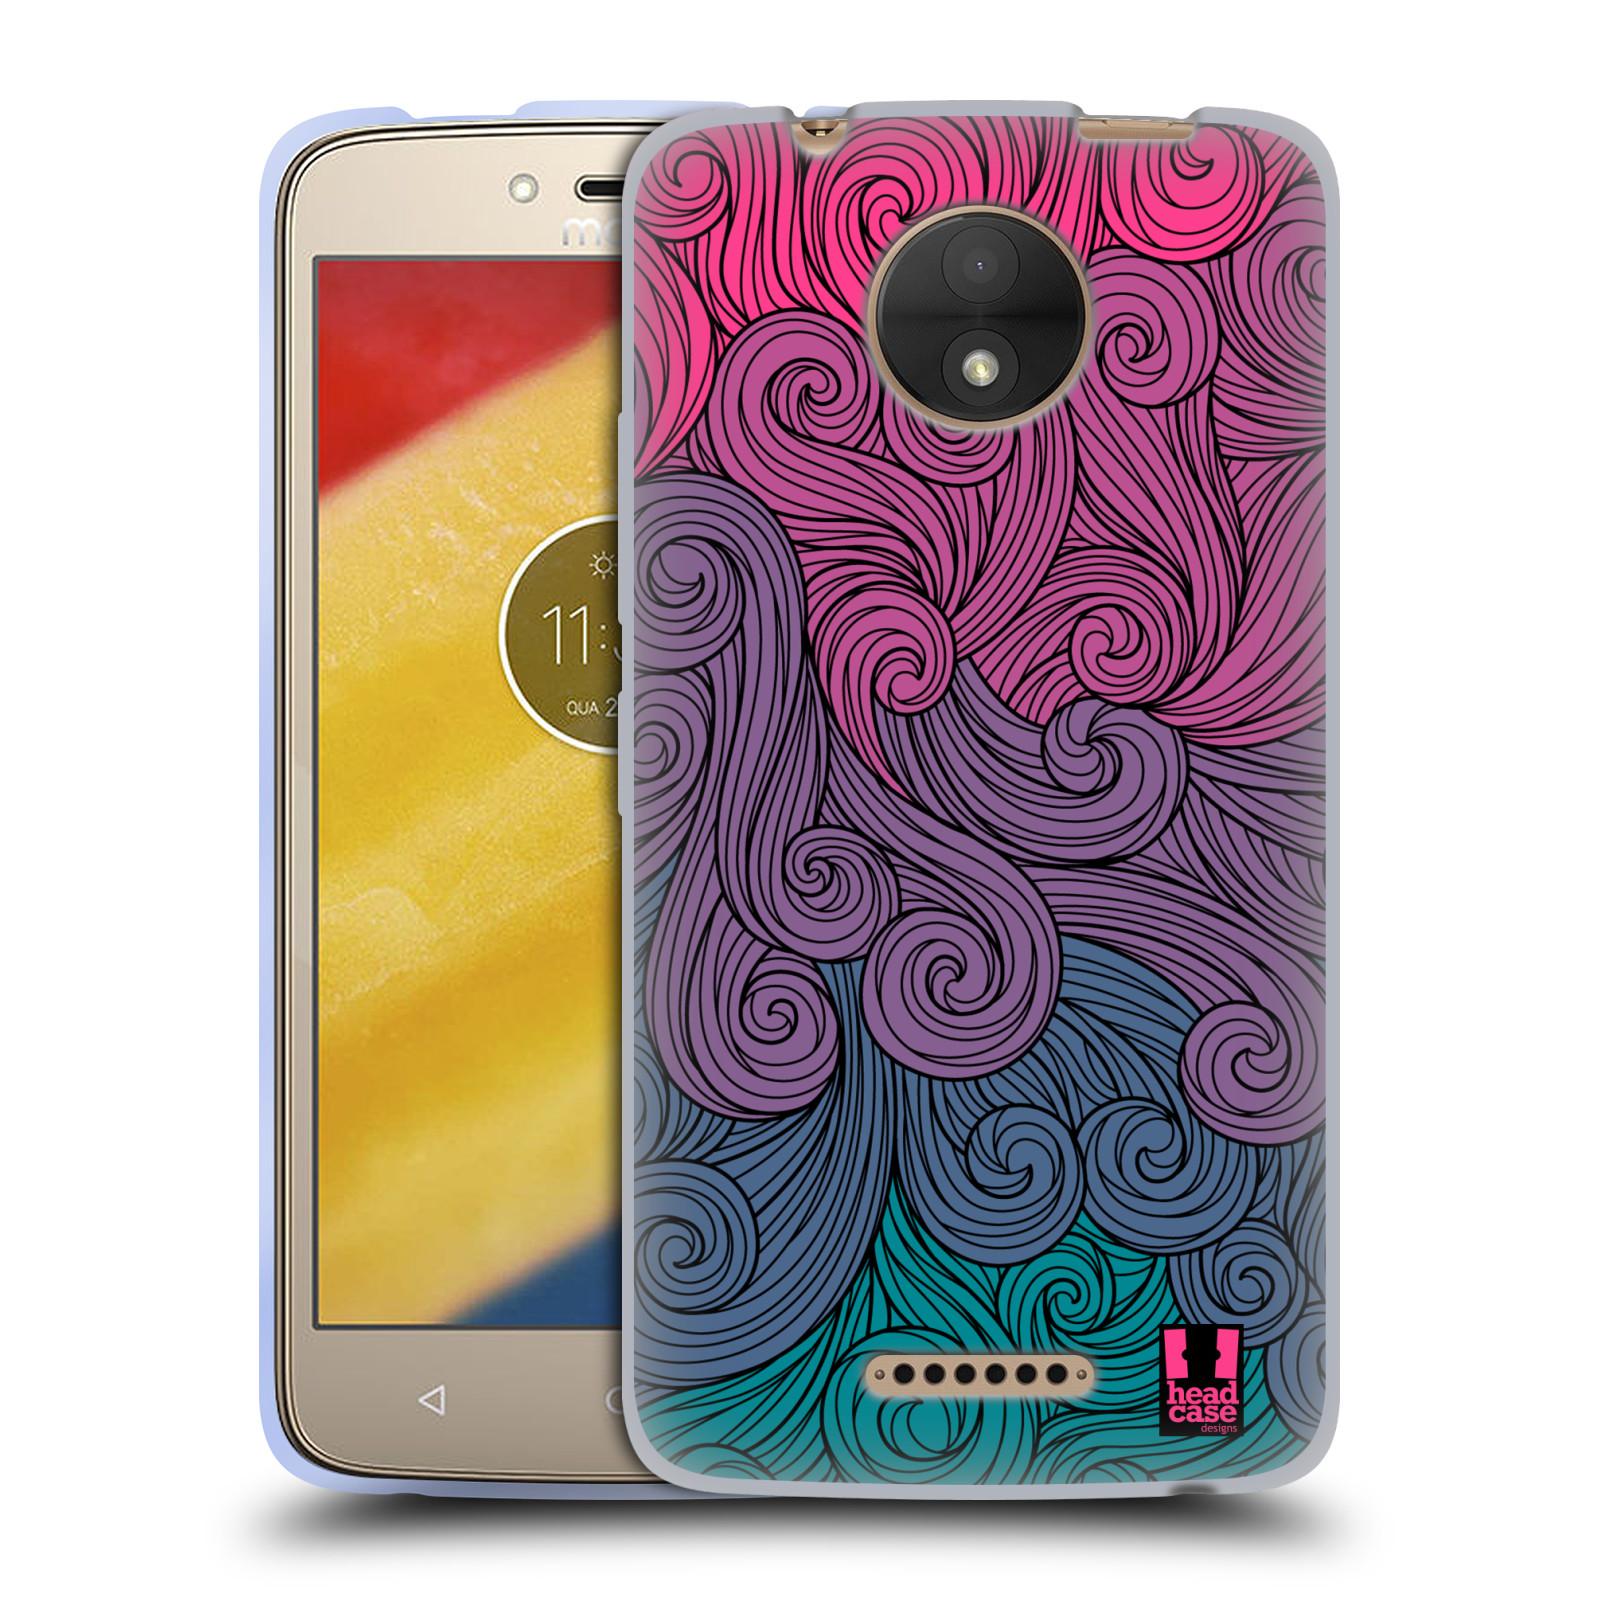 Silikonové pouzdro na mobil Lenovo Moto C - Head Case - Swirls Hot Pink (Silikonový kryt či obal na mobilní telefon Lenovo Moto C s motivem Swirls Hot Pink)